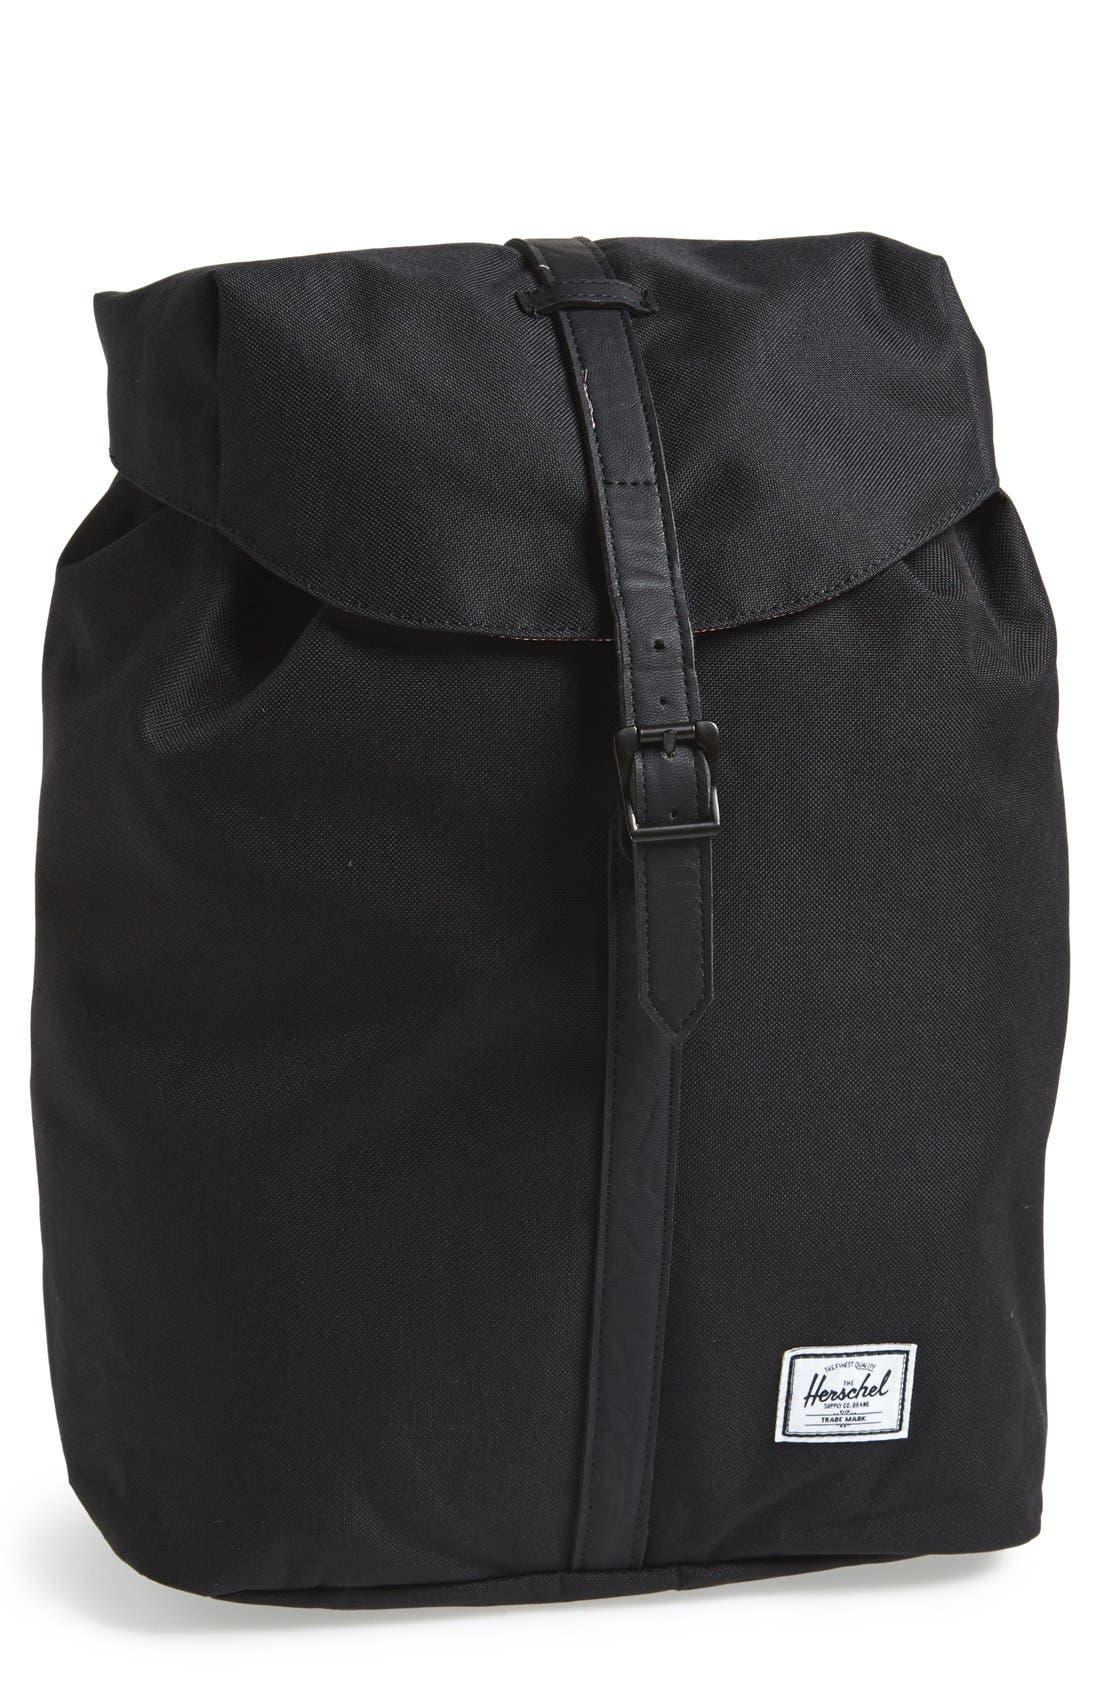 Main Image - Herschel Supply Co. 'Post' Backpack (Nordstrom Exclusive)